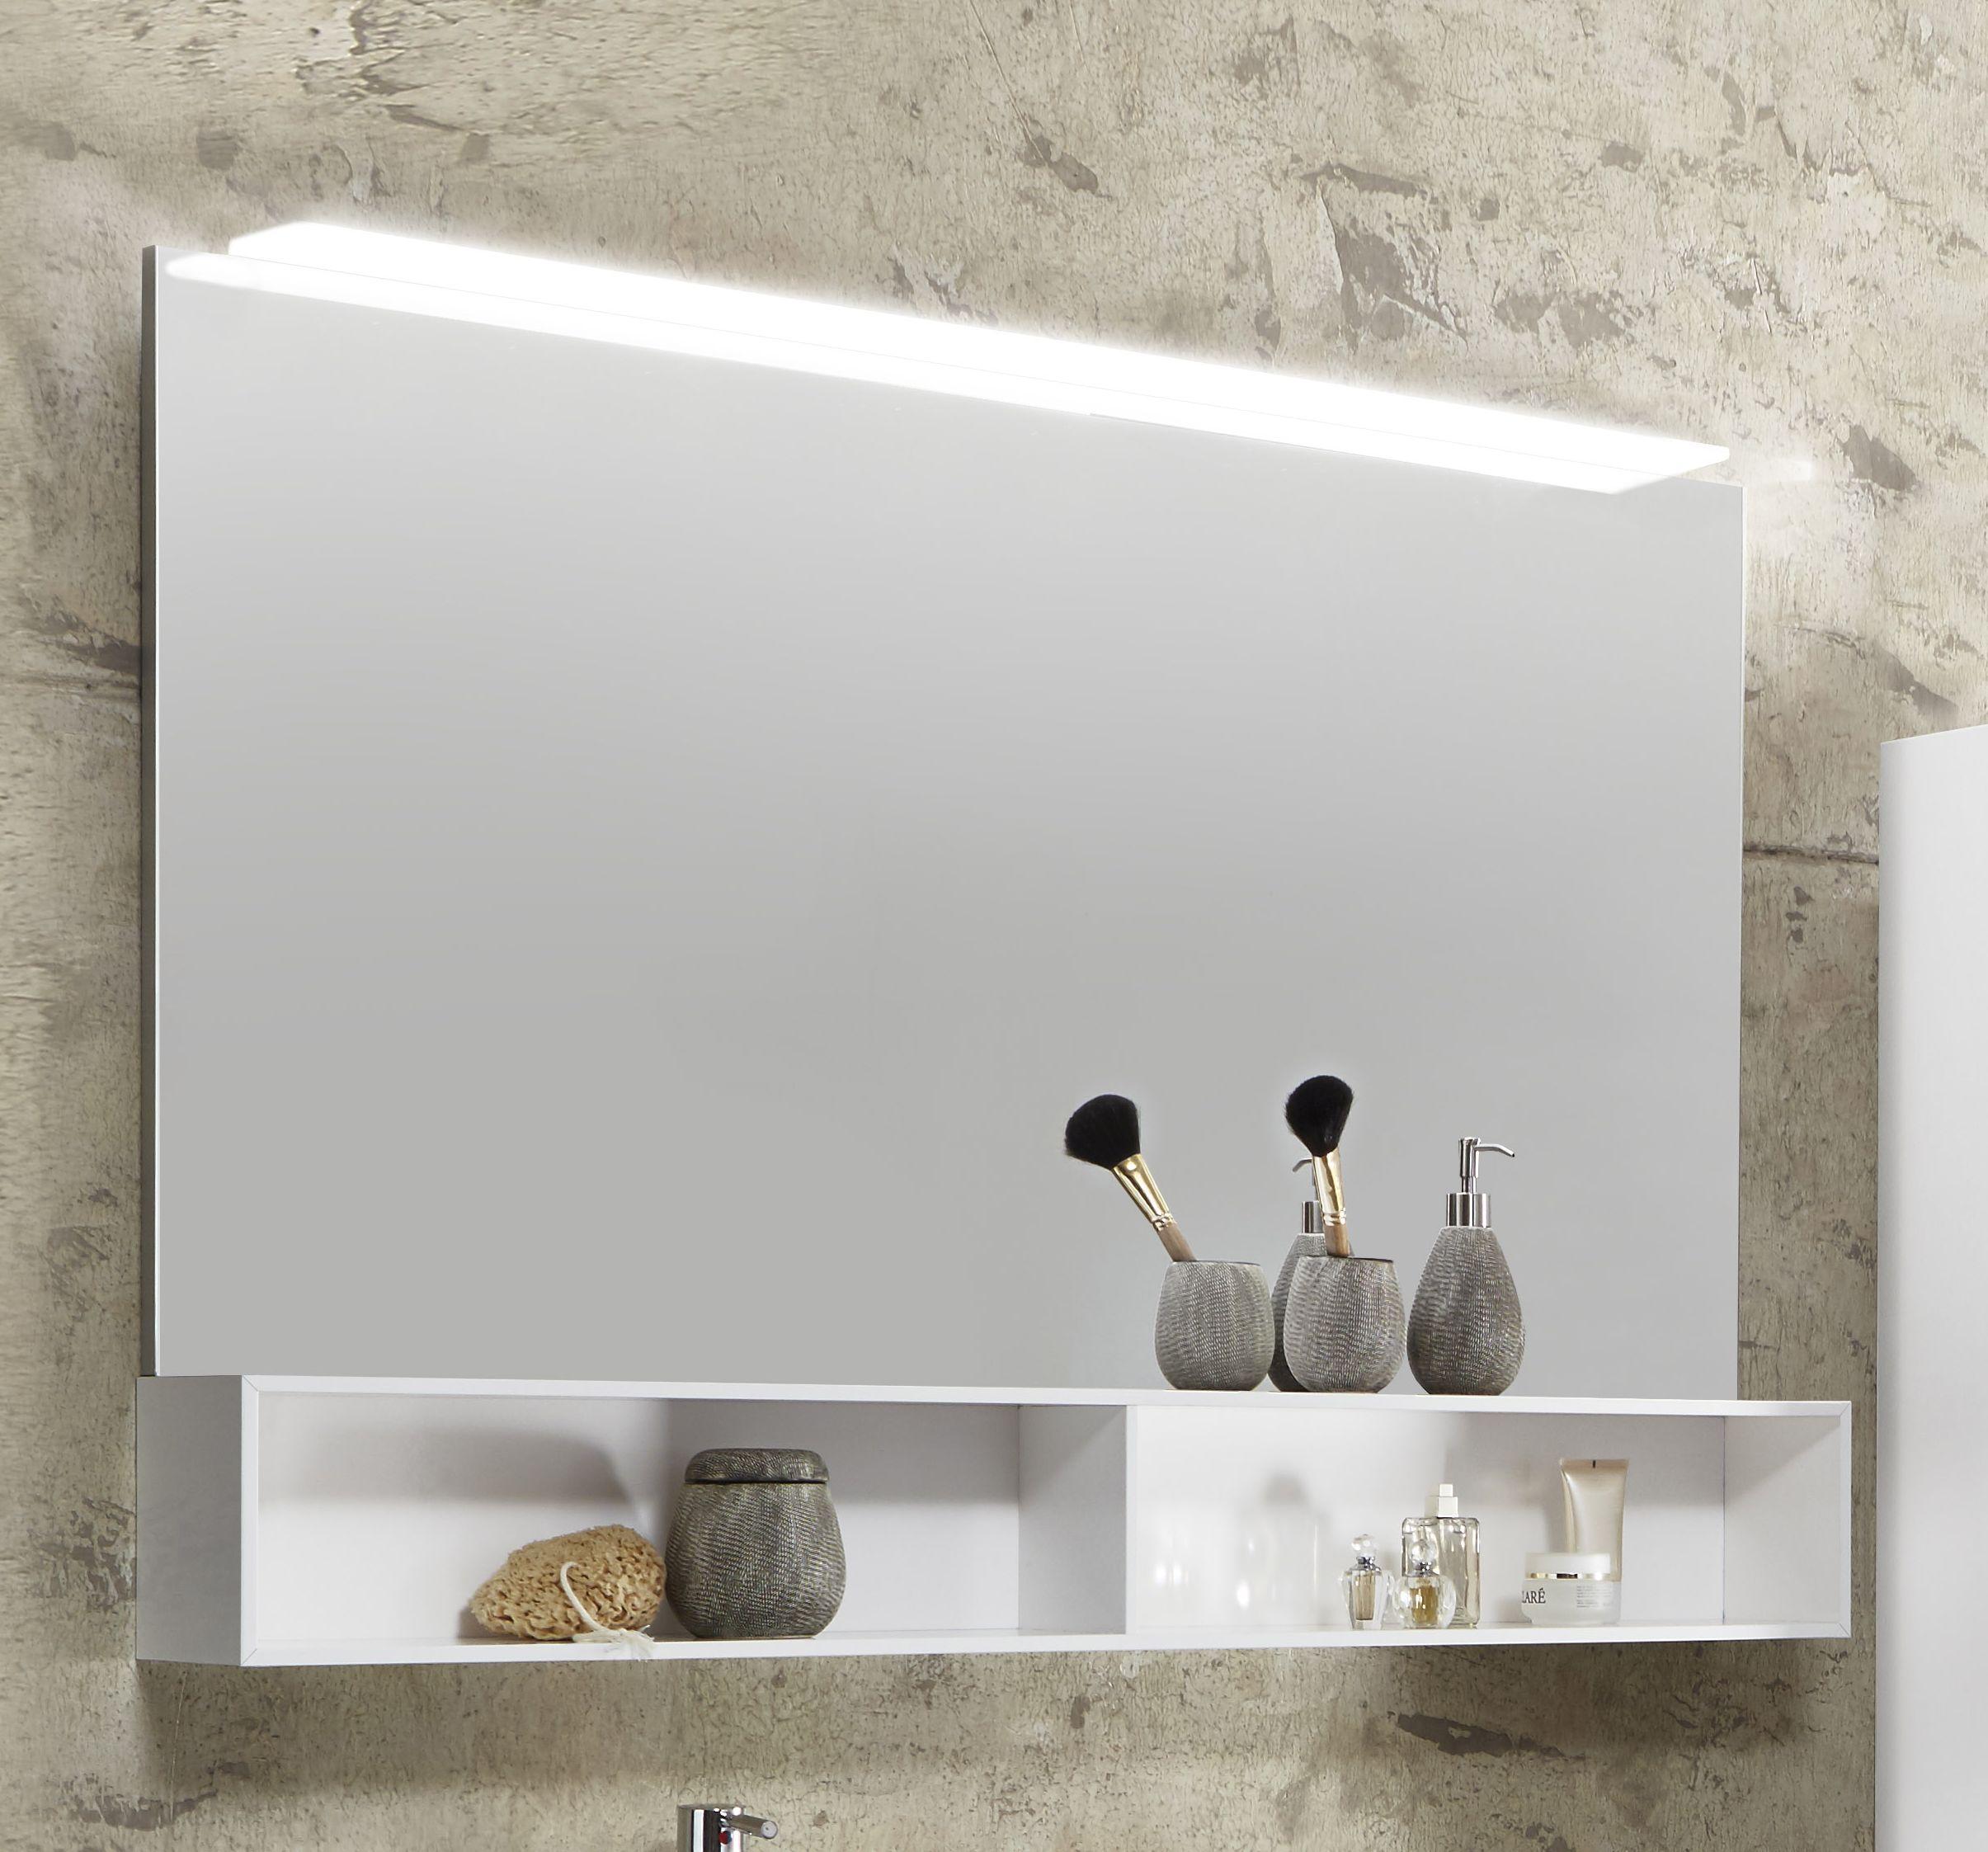 Marlin Bad 3110 Badspiegel 120 Cm Spaba12 Lr Günstig Kaufen Möbel